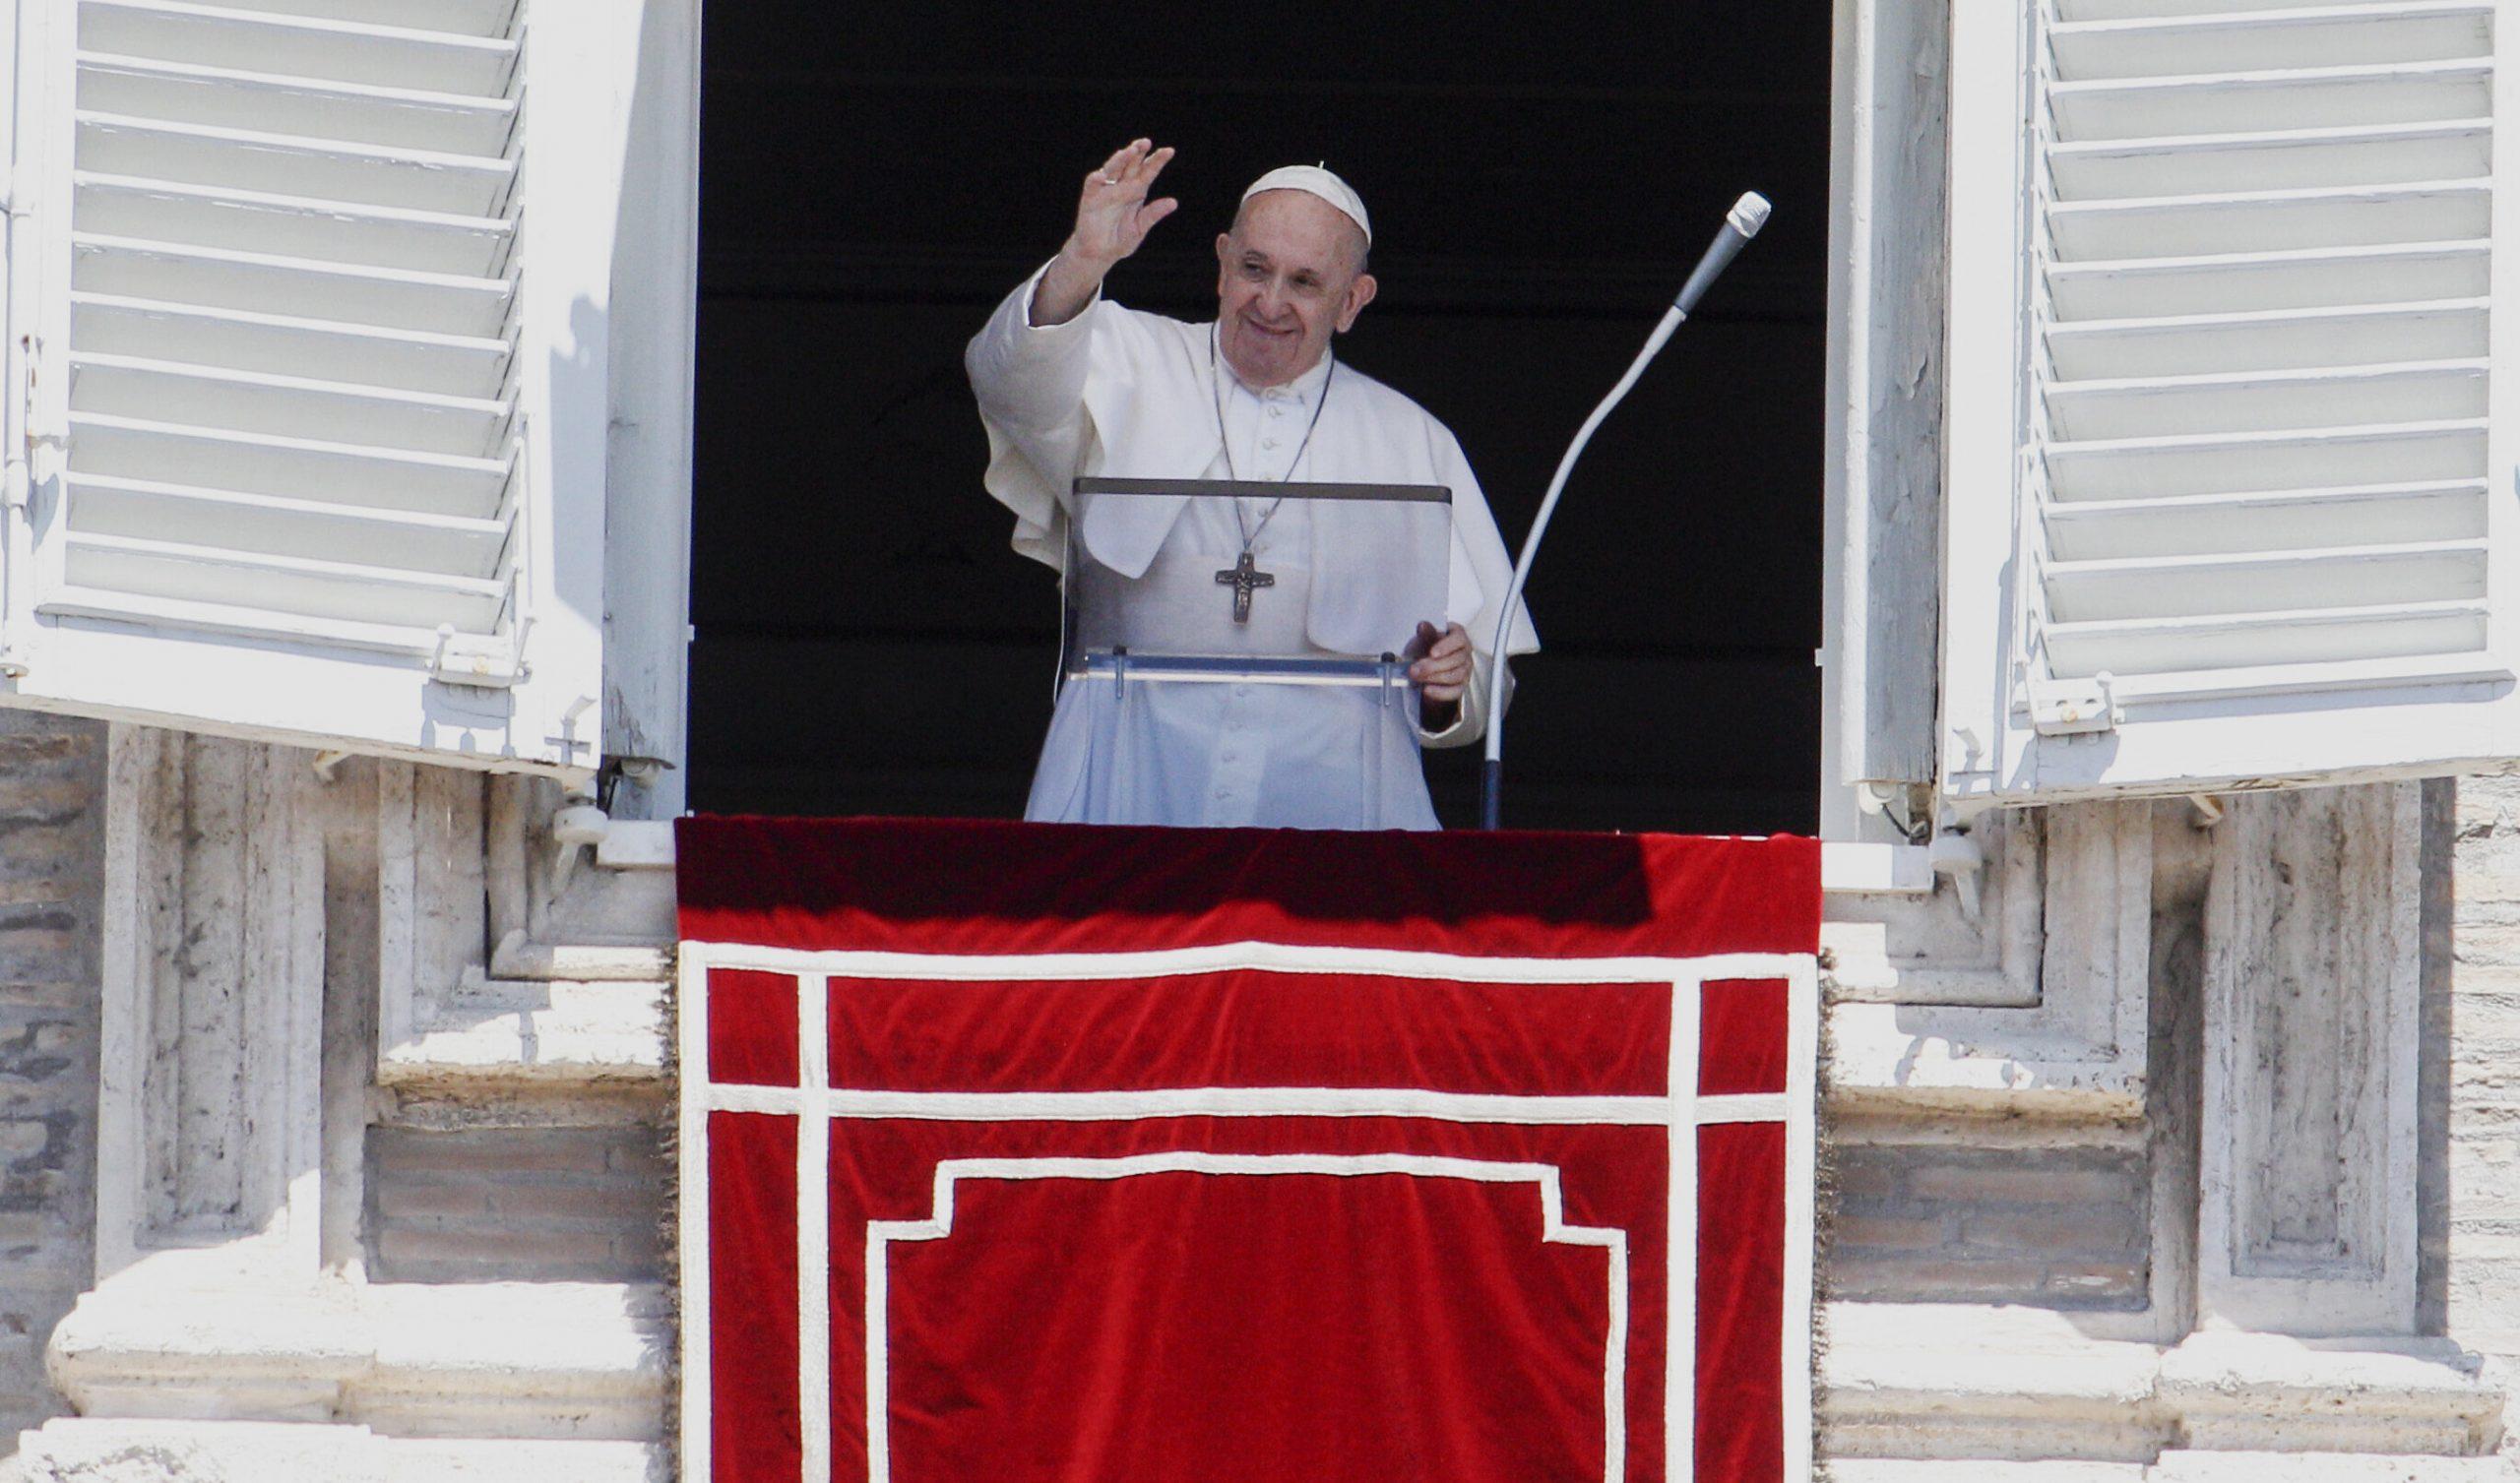 """Papa Francisc ar putea renunța la funcție după Crăciun. """"Nu există îndoială că va demisiona în 2020"""""""